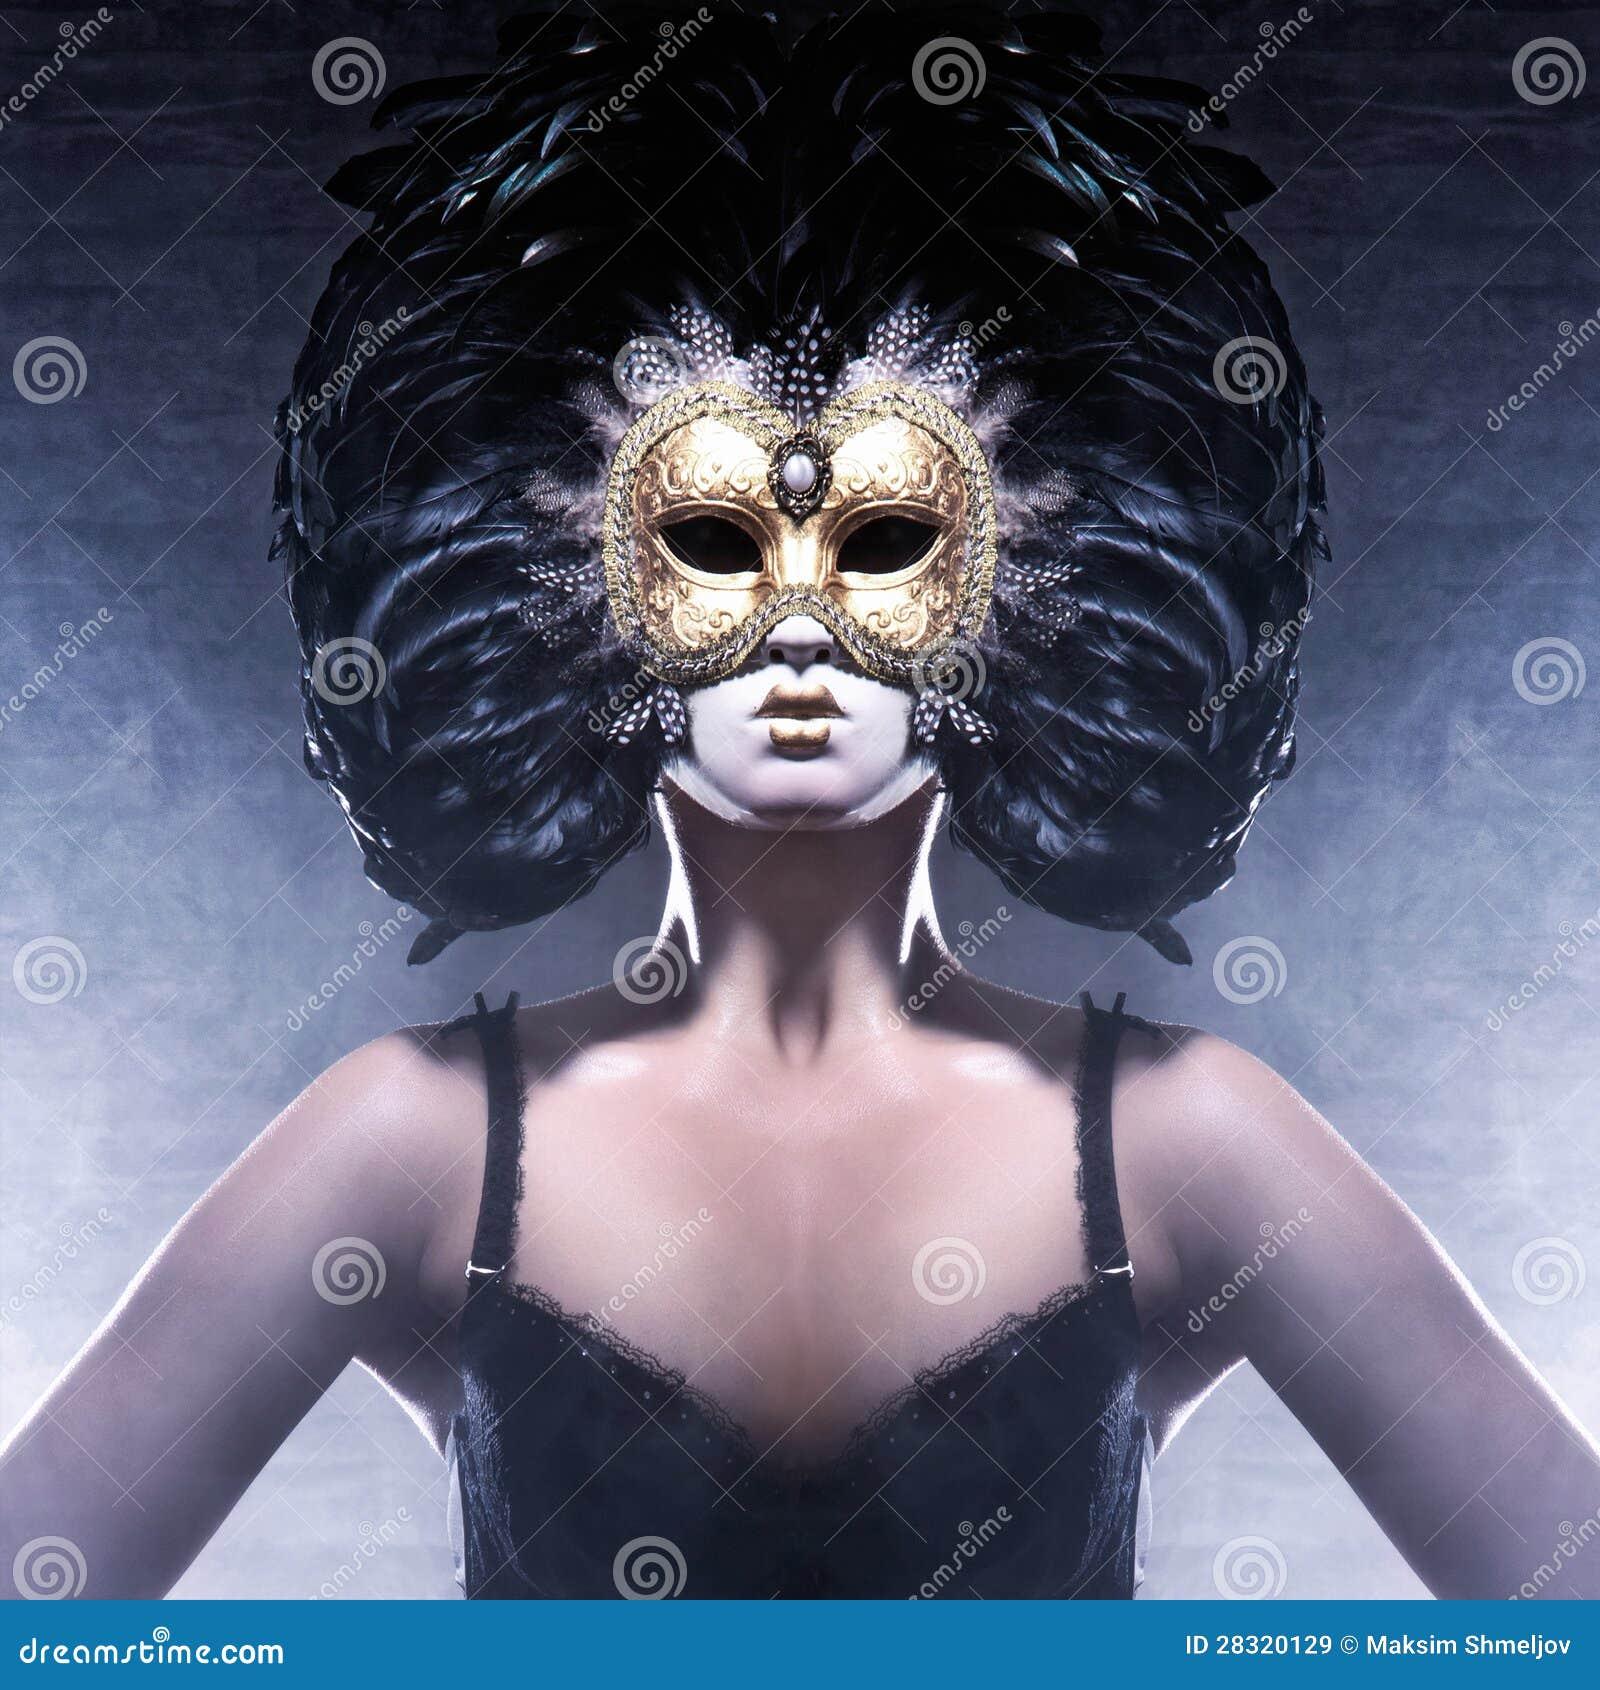 Portrait of a woman in a dark Venetian mask